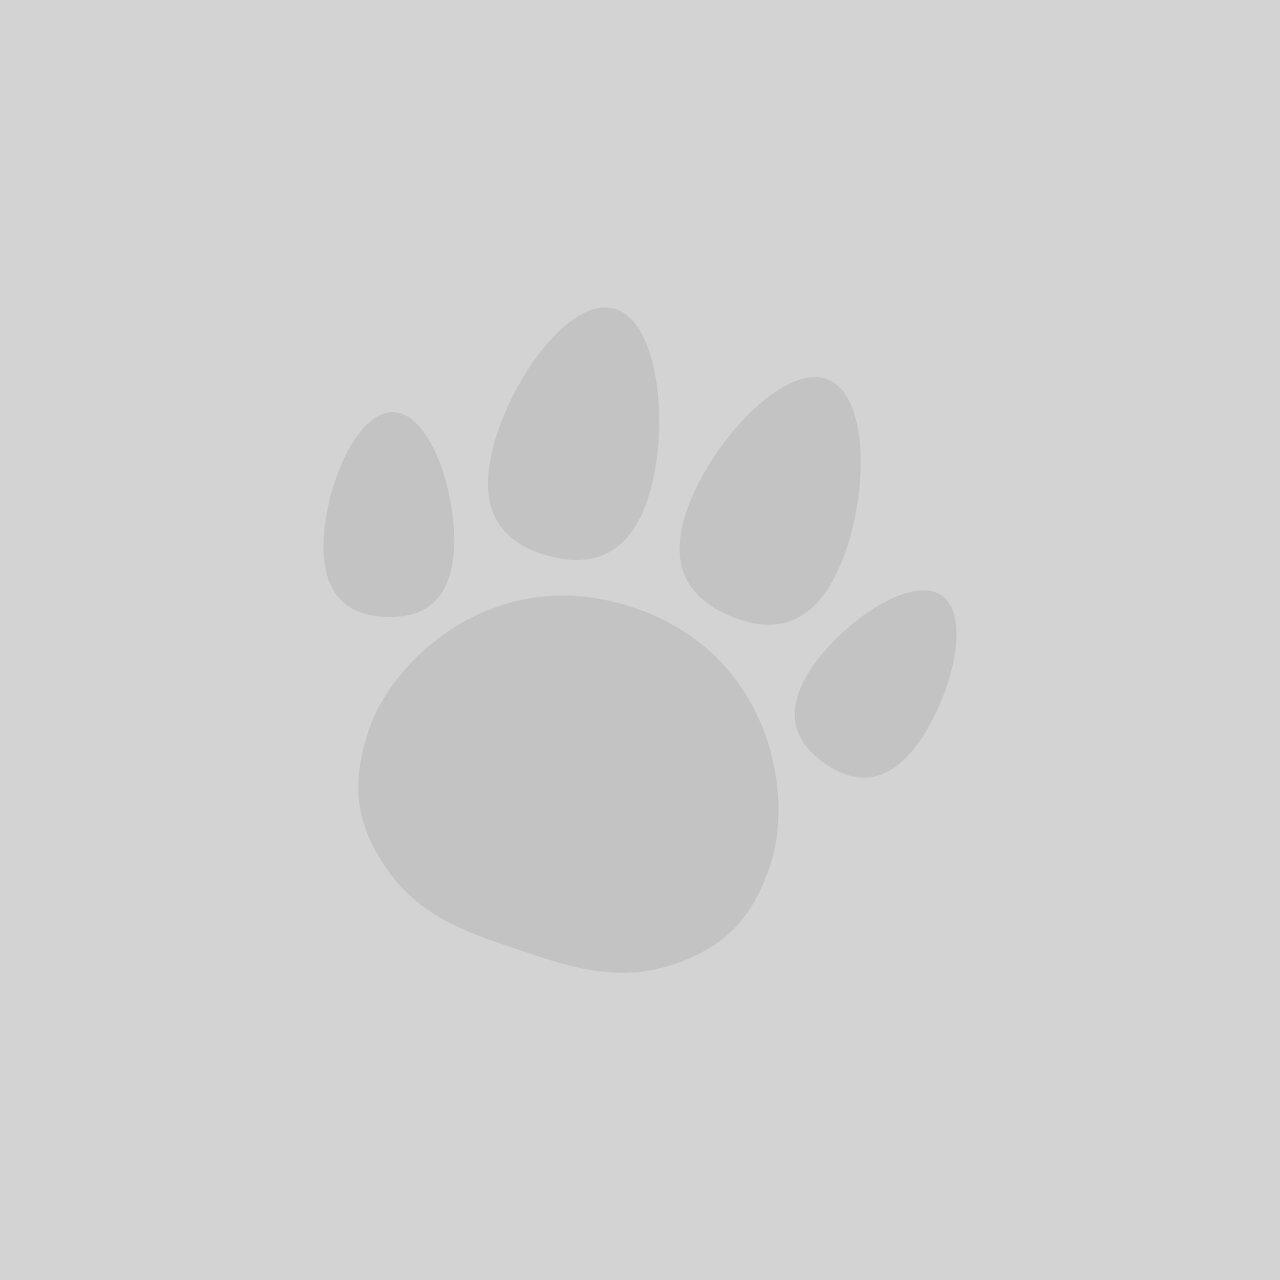 Catit Voyageur Cat Carrier Black (Size Options Available)